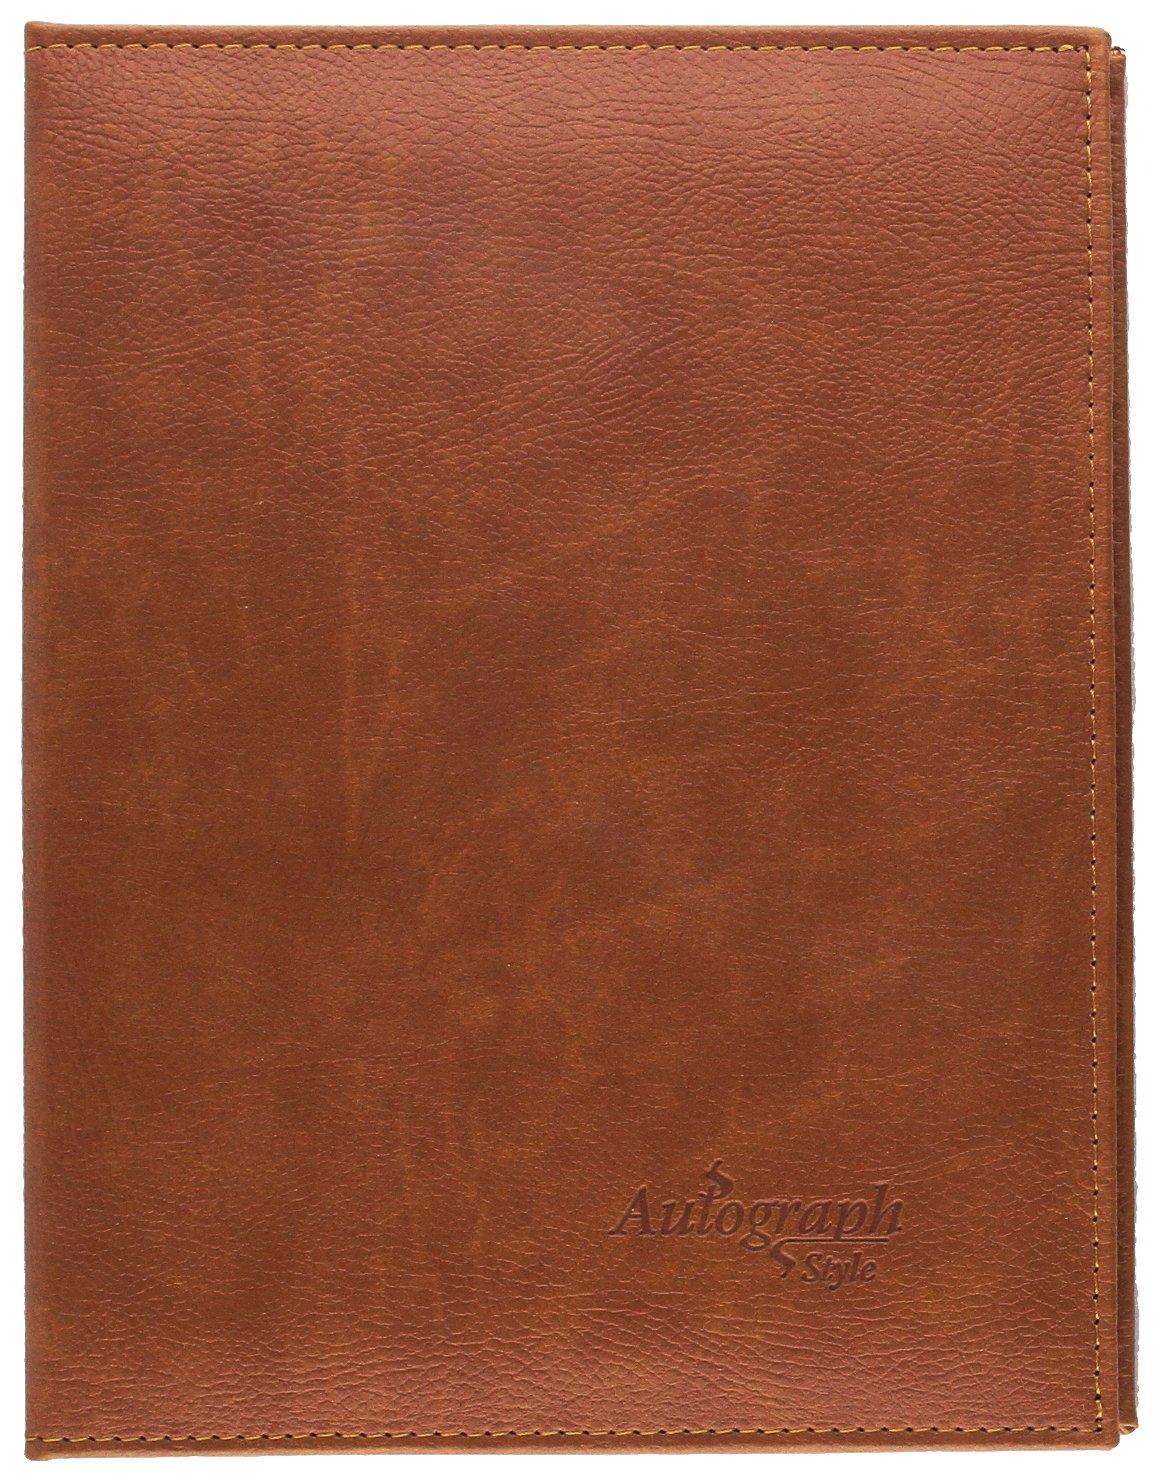 Pardo 630006 - Clasificador telefónico forrado, color marrón ...